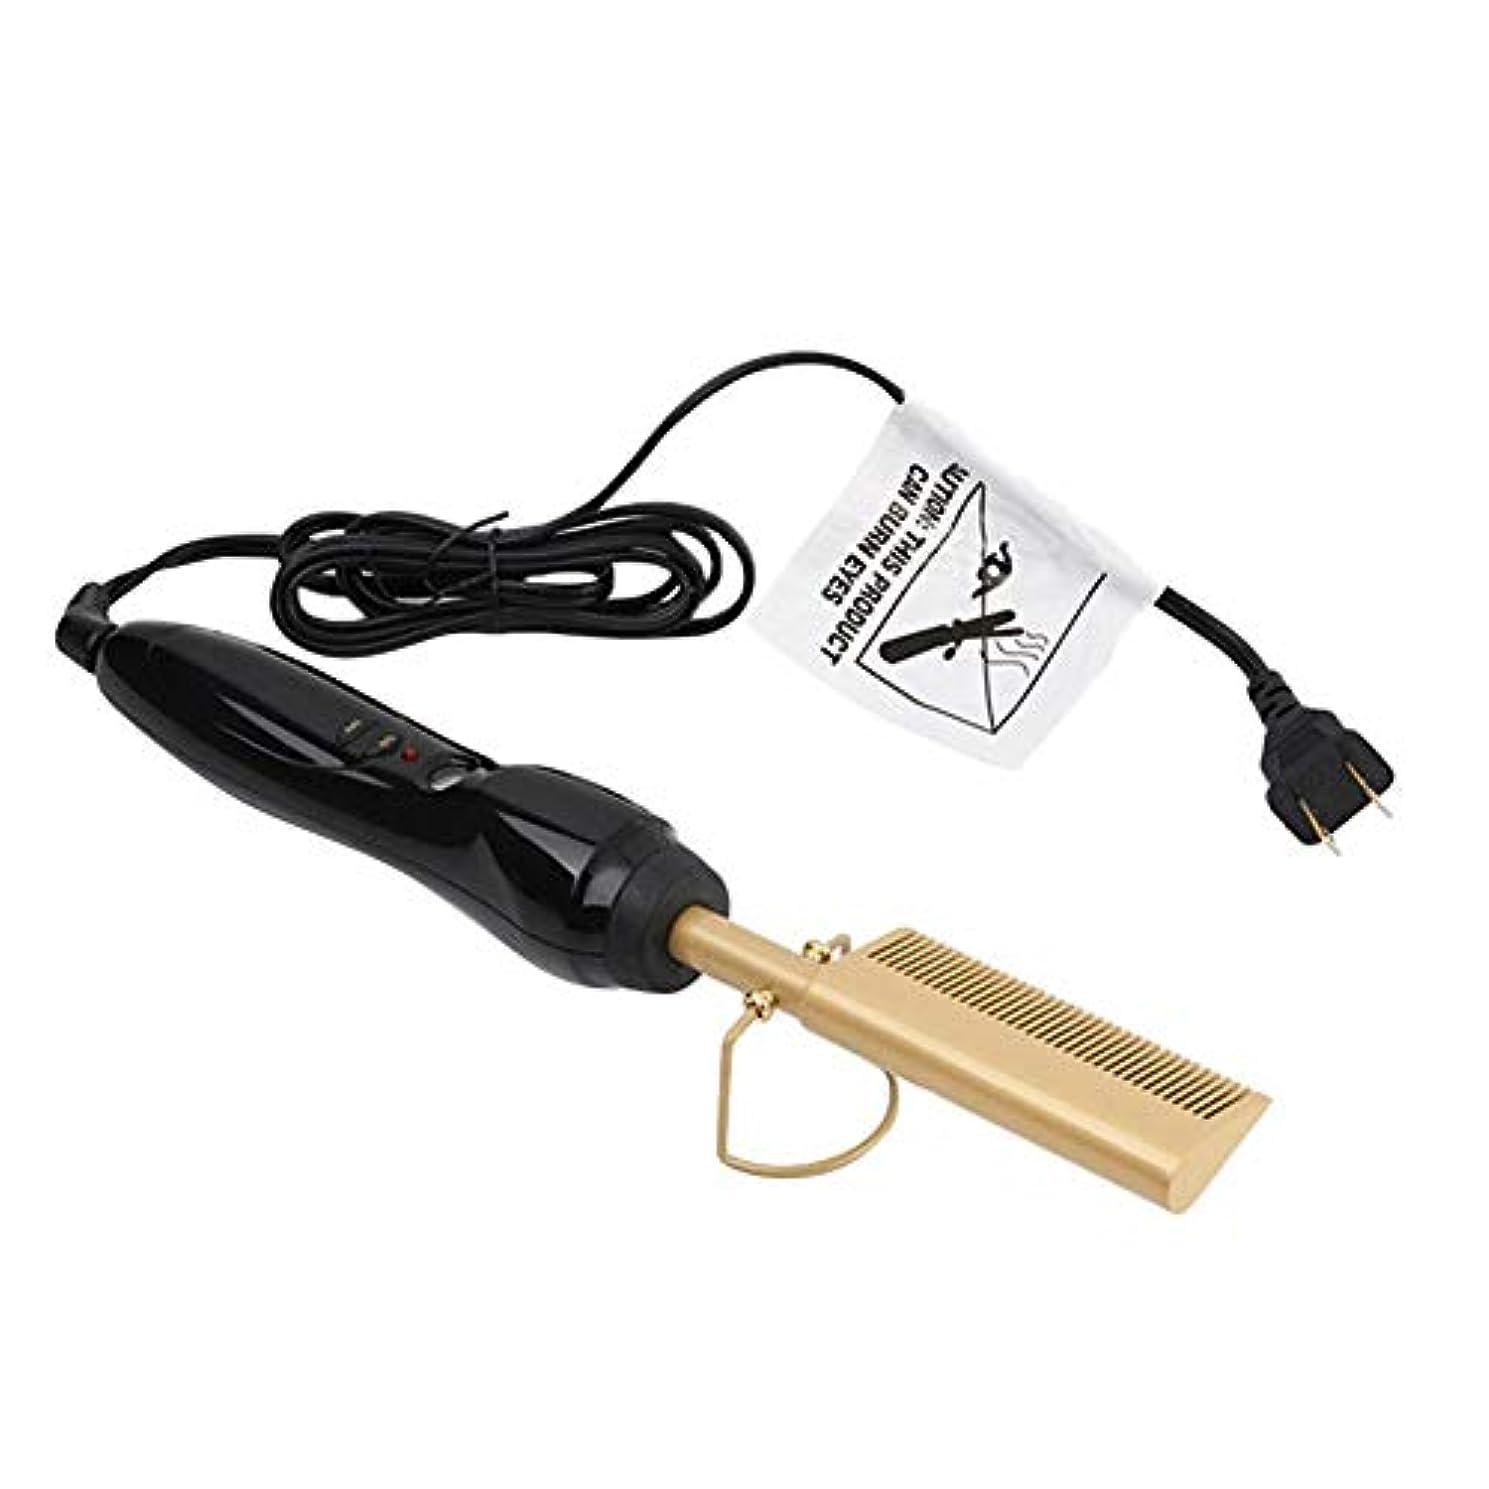 本質的に同一の体操選手櫛を矯正する電気くし矯正棒ヘアカーリングアイロンホットヘアカーラーくし